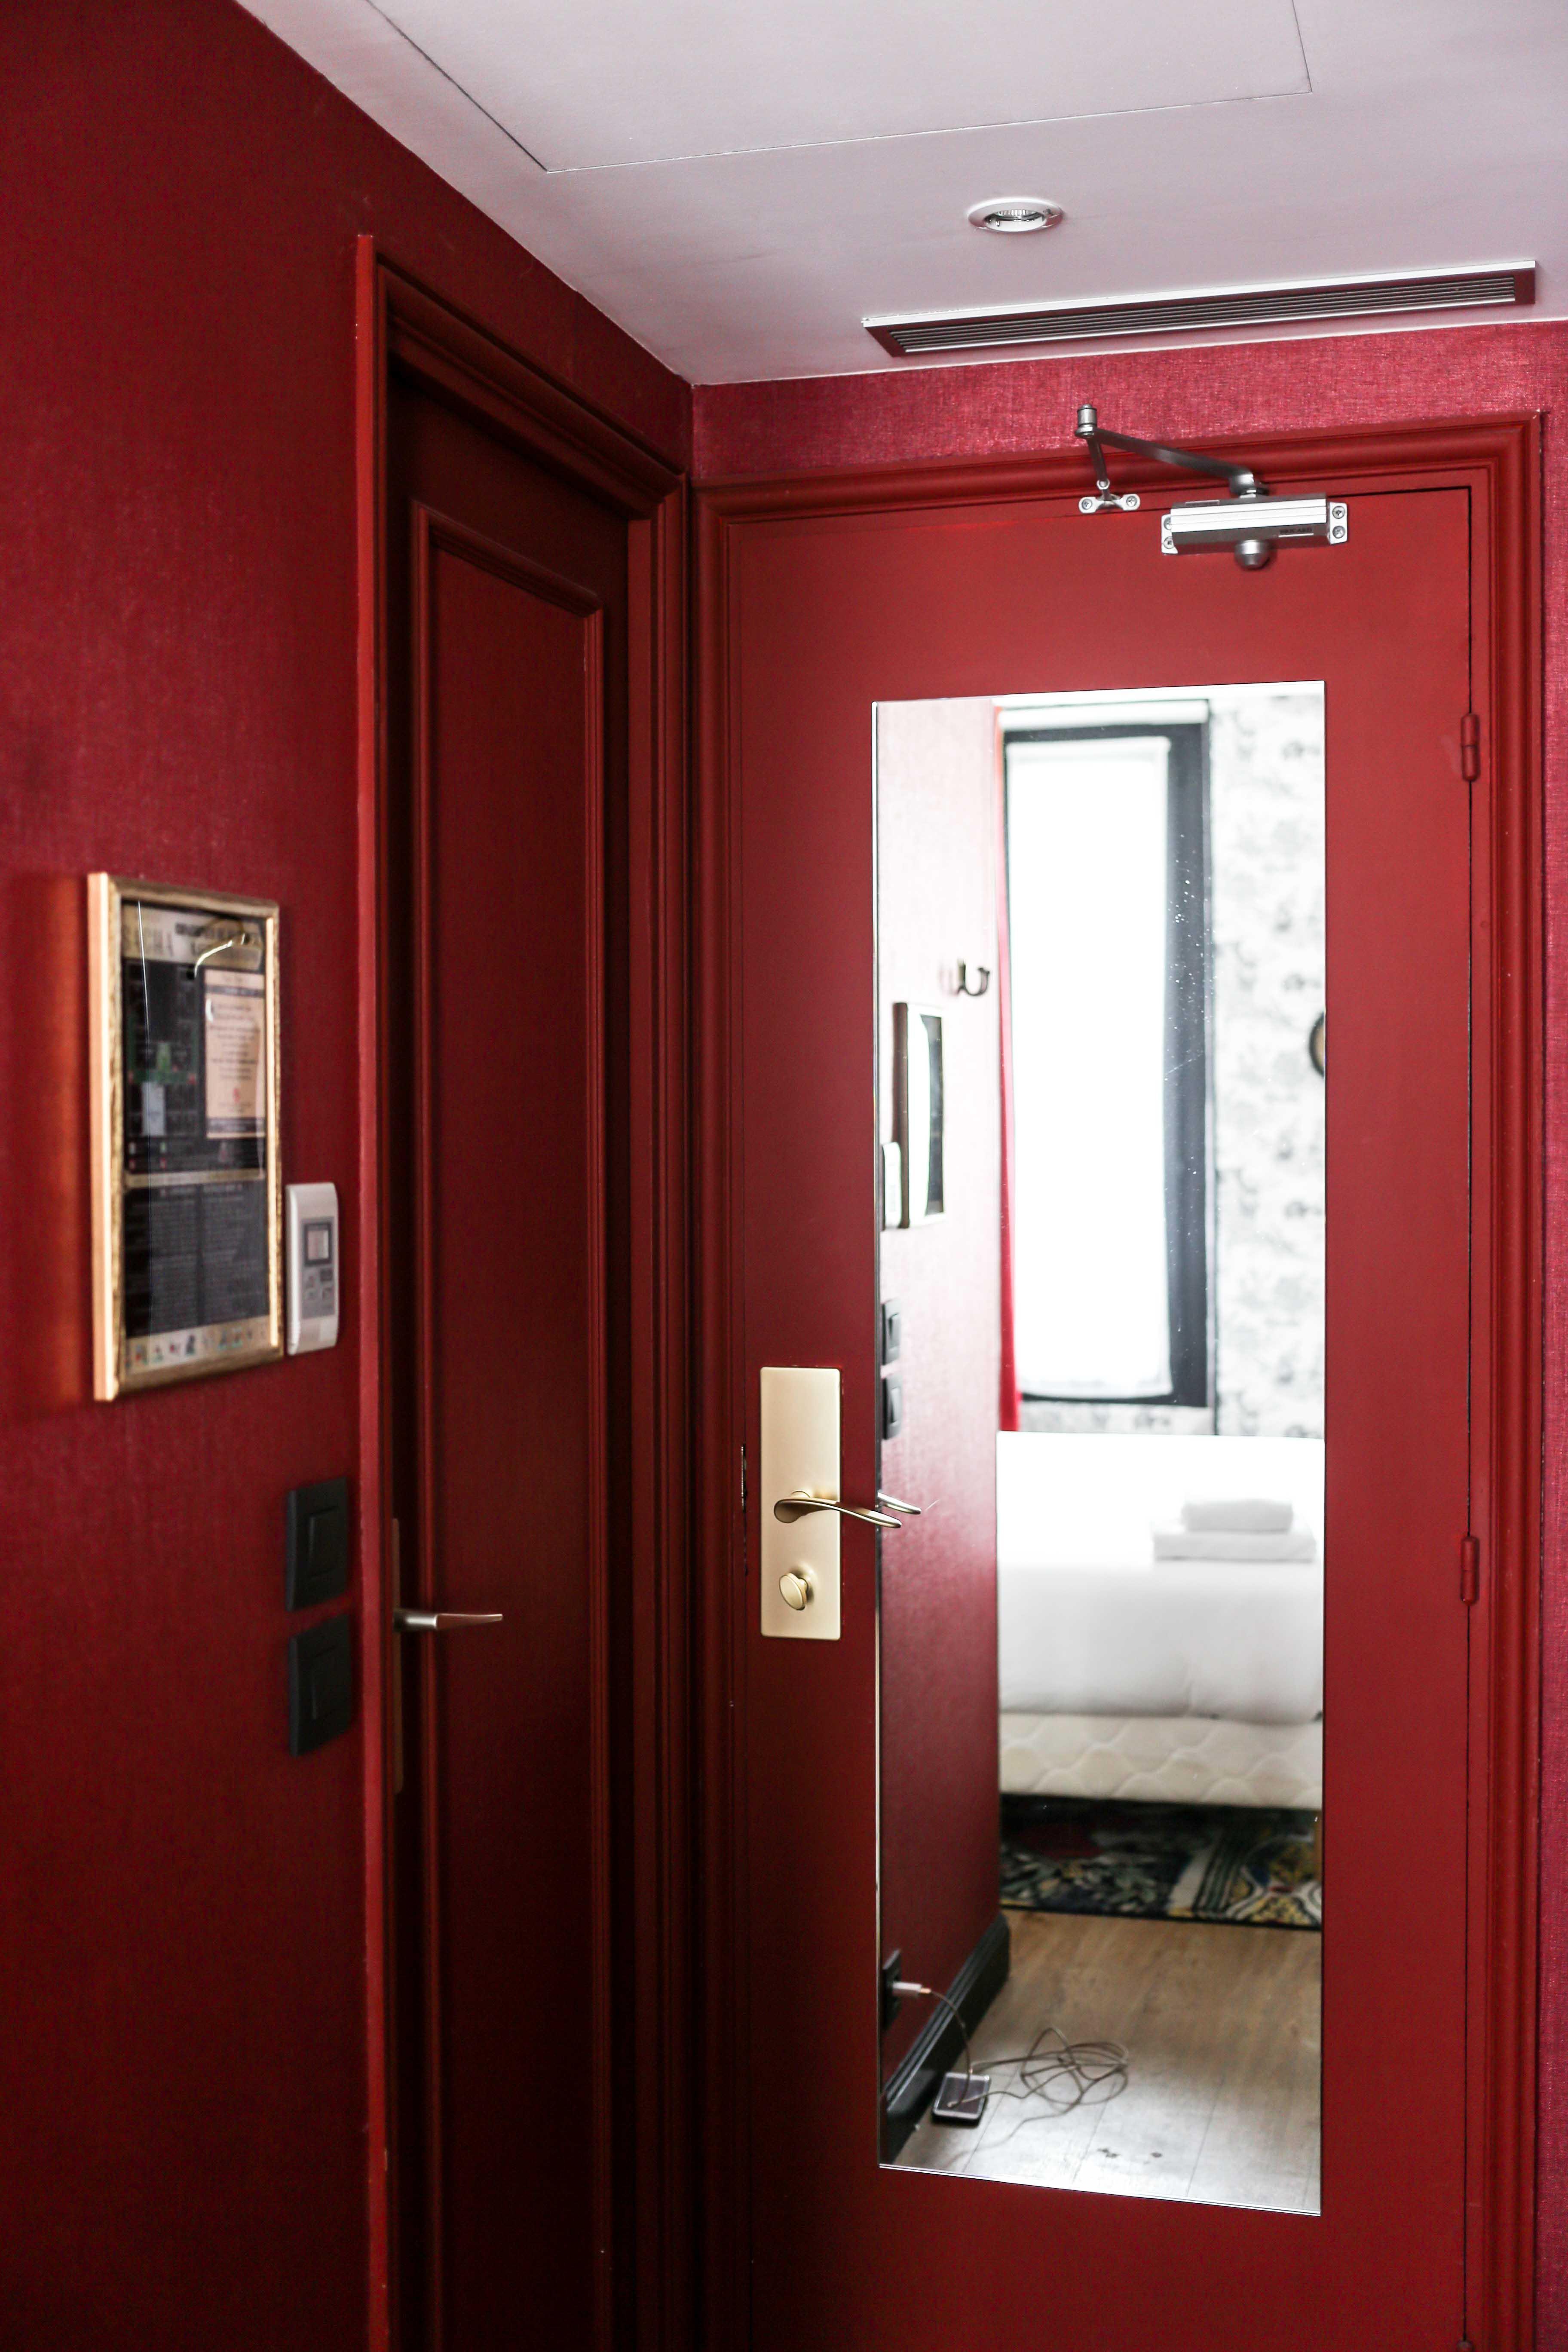 hotel-sacha-happy-culture-montmartre-paris-3-sterne-empfehlung-review-reiseblog-travelblog-blogger_1371